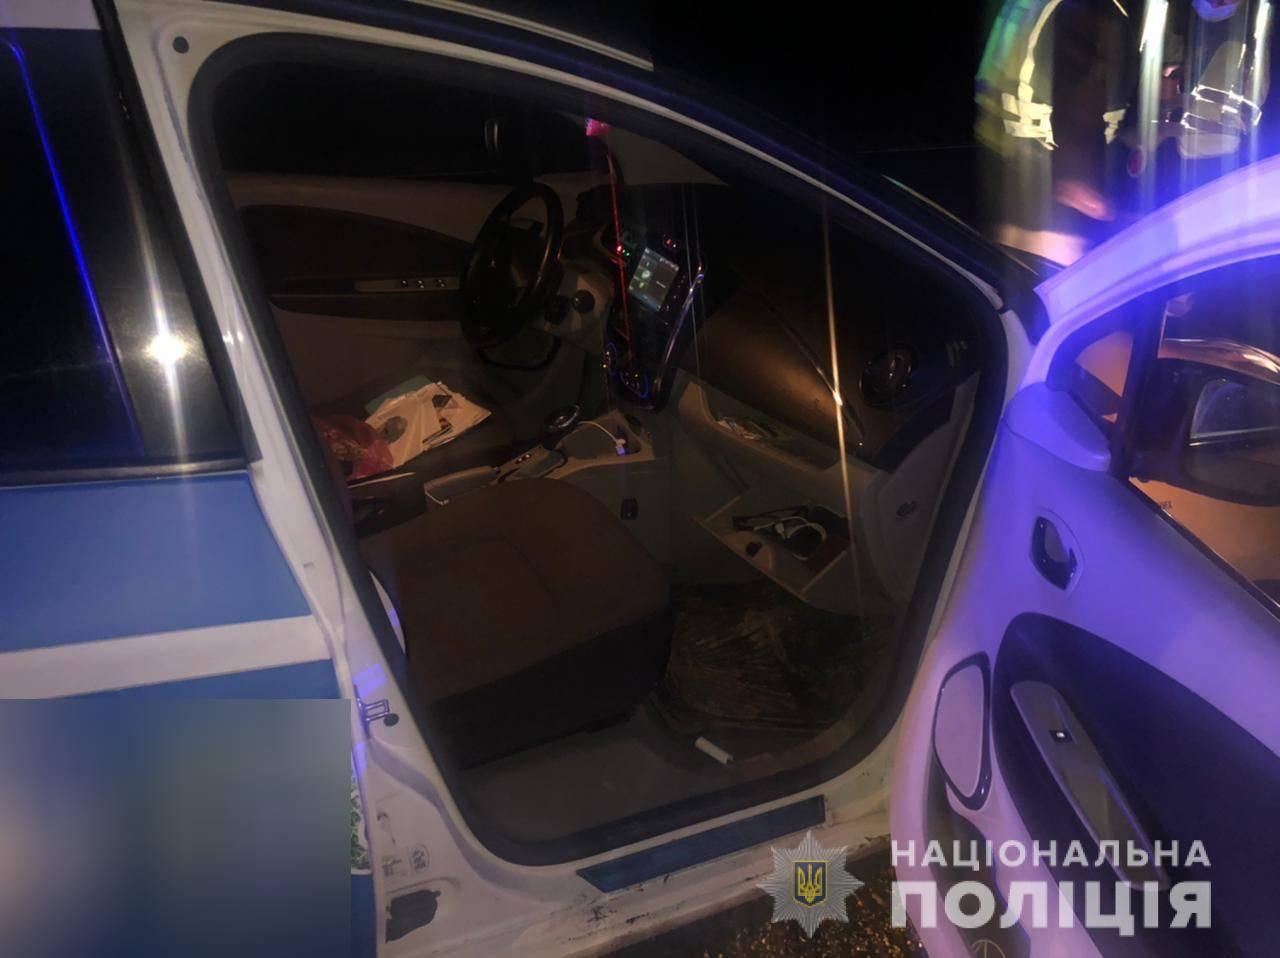 Пістолет невстановленого взірця без маркування перевозив у машині таксі 32-річний мешканець Мукачева. Небезпечний предмет слідчі поліції від чоловіка вилучили.